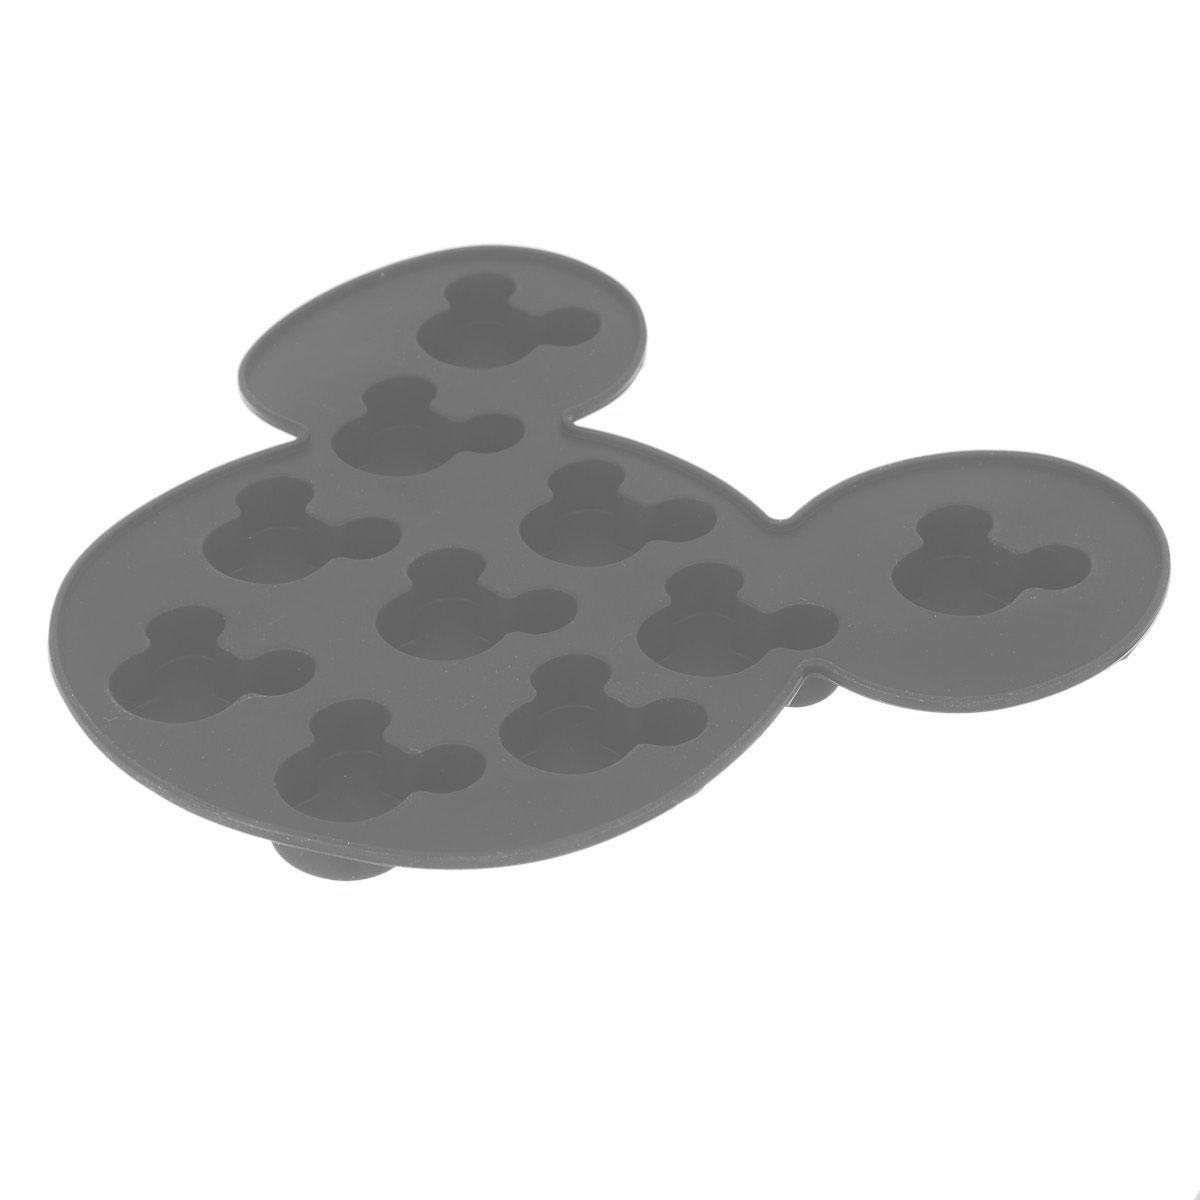 Форма для льда Disney Микки Маус, цвет: серый, 10 ячеек61132_серыйФорма Disney Микки Маус выполнена из высококачественного пищевого силикона и предназначена для изготовления шоколада, конфет, мармелада, желе, льда и выпечки. На одном листе расположено 10 ячеек в виде мордочек Микки Мауса. Благодаря тому, что форма изготовлена из силикона, готовый десерт вынимать легко и просто. Силиконовые формы выдерживают высокие и низкие температуры (от -40°С до +230°С). Они эластичны, износостойки, легко моются, не горят и не тлеют, не впитывают запахи, не оставляют пятен. Силикон абсолютно безвреден для здоровья. Чтобы достать льдинки, эту форму не нужно держать под теплой водой или использовать нож. Можно использовать в микроволновой печи, мыть в посудомоечной машине и хранить в холодильнике. Упаковка содержит описание рецептов ягодного льда и шоколадных конфет. Общий размер формы: 16 х 15 х 1,5 см. Количество ячеек: 10 шт. Размер ячеек: 3 х 2,5 х 1 см.